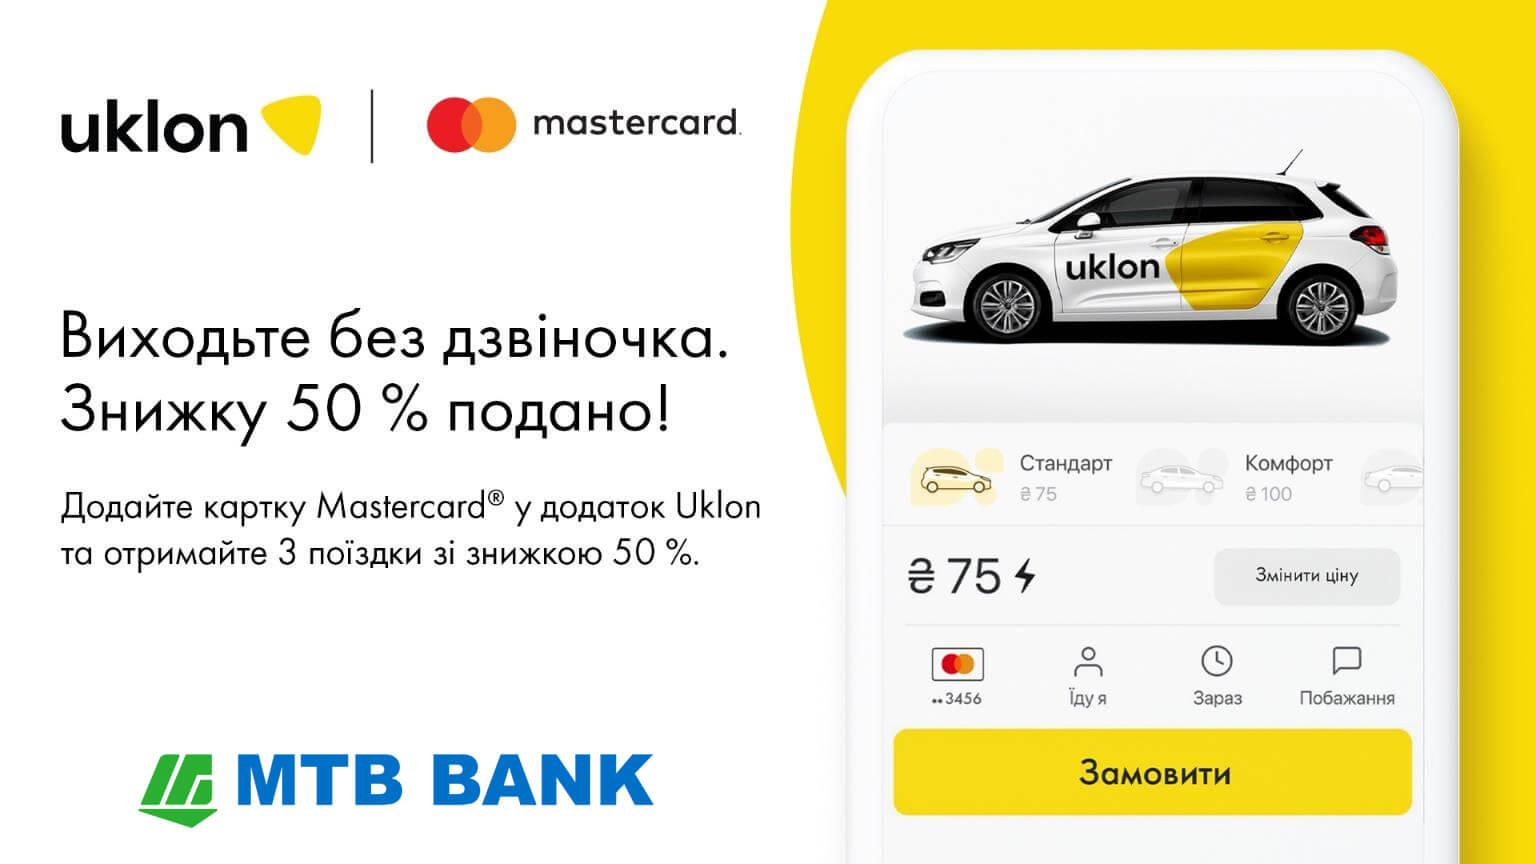 Увага! Нова акція для власників карток Mastercard - фото - mtb.ua